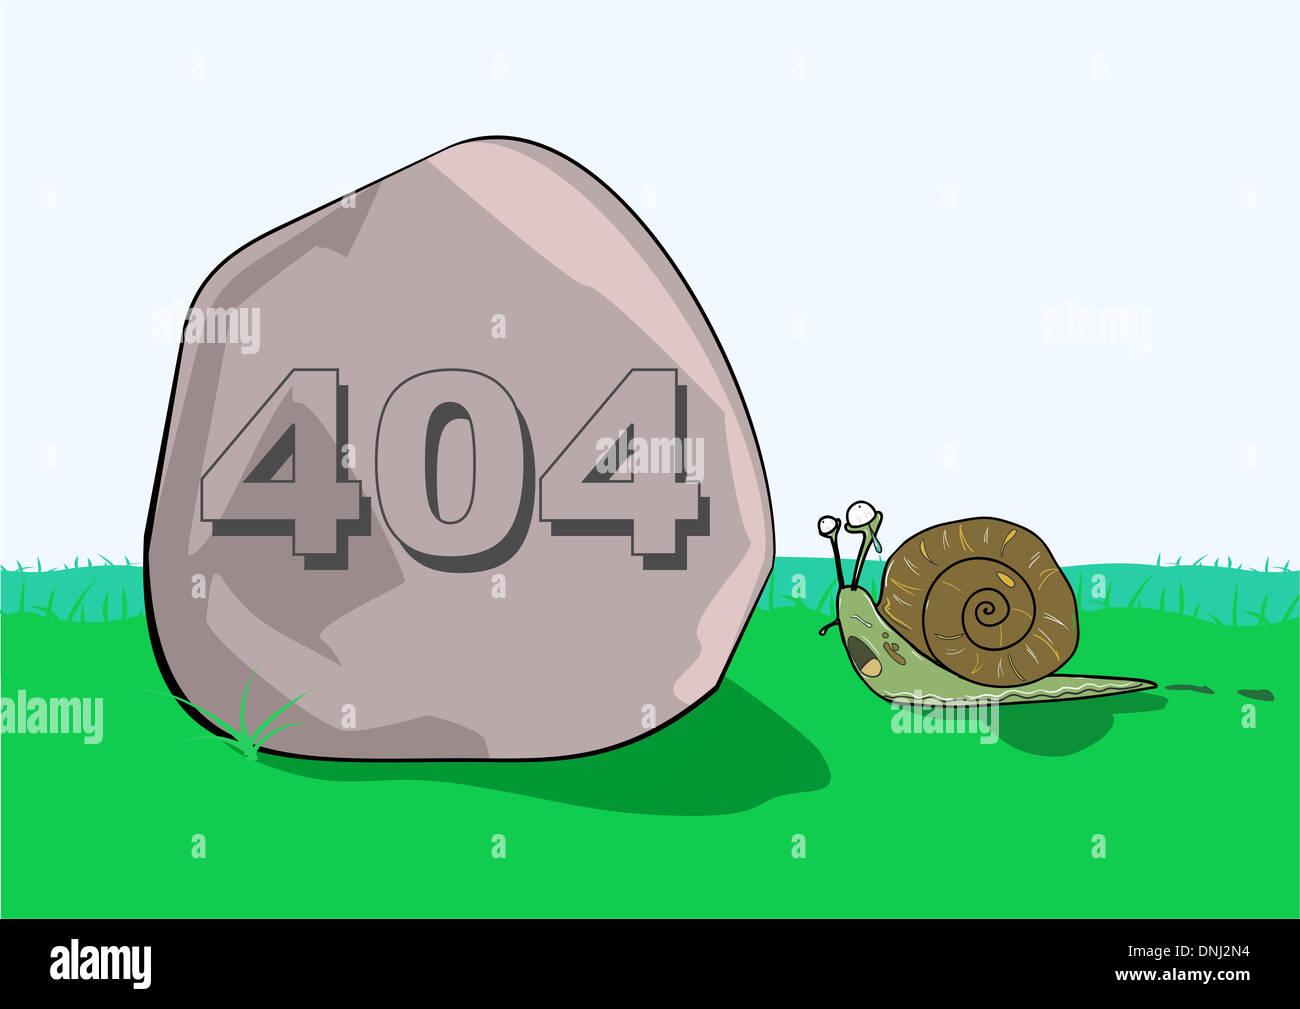 Representación ilustrativa de mensaje de error 404 en rock en frente de un caracol Foto de stock